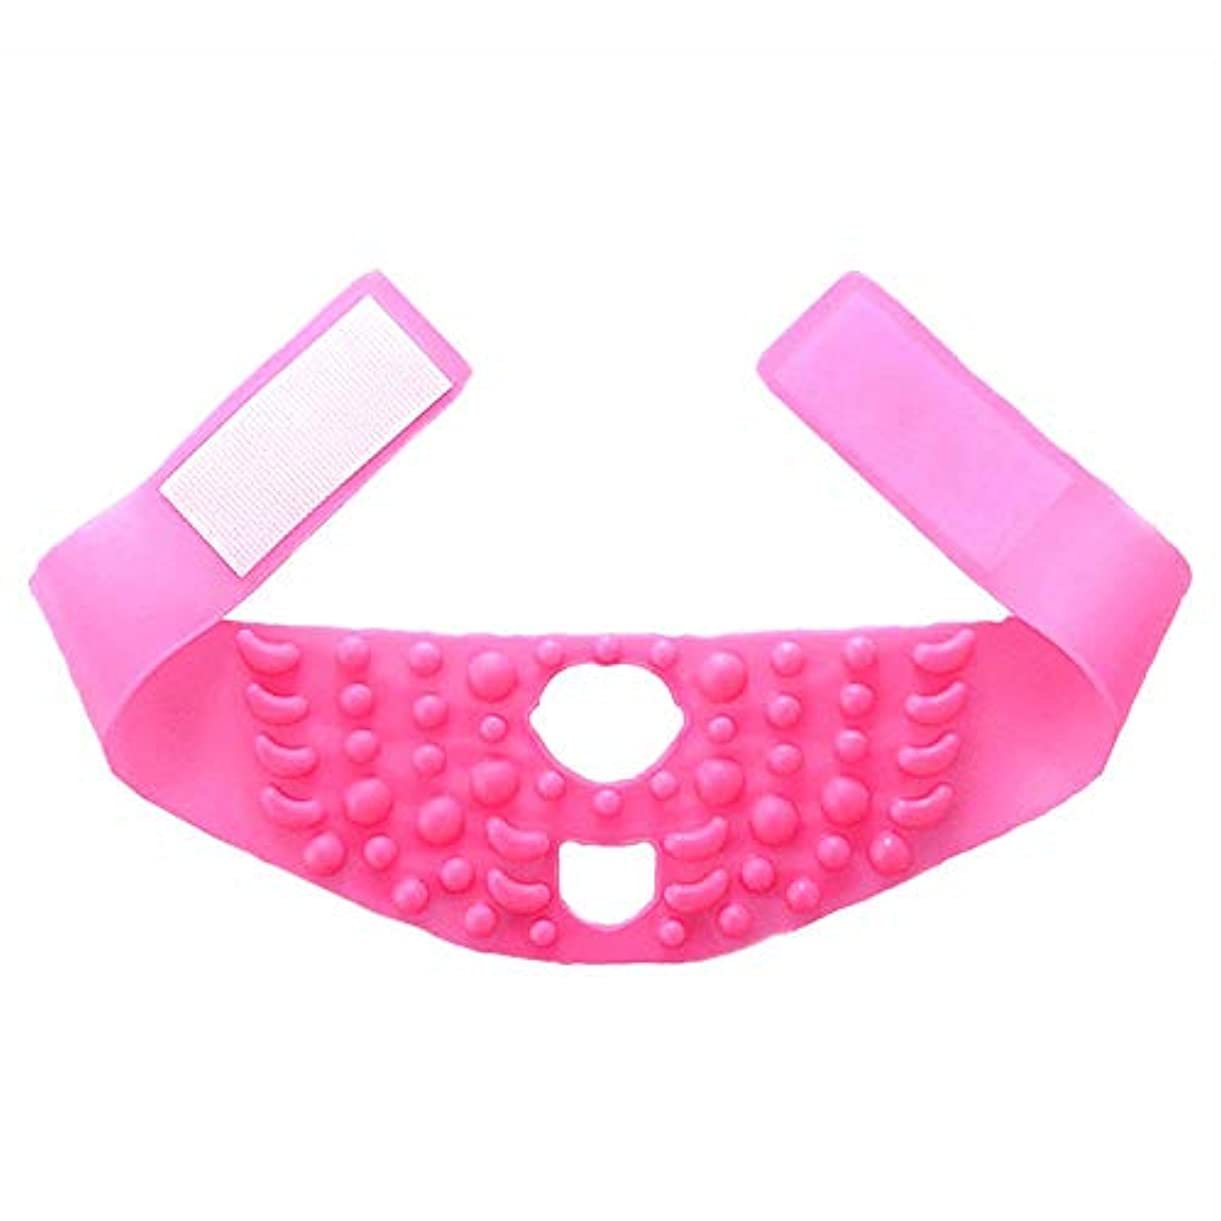 建築予防接種する繰り返したJia Jia- シンフェイスマスクシリコーンマッサージ引き締まった形の小さなVフェイスリフティングに薄いフェイスアーティファクト包帯を飾る - ピンク 顔面包帯